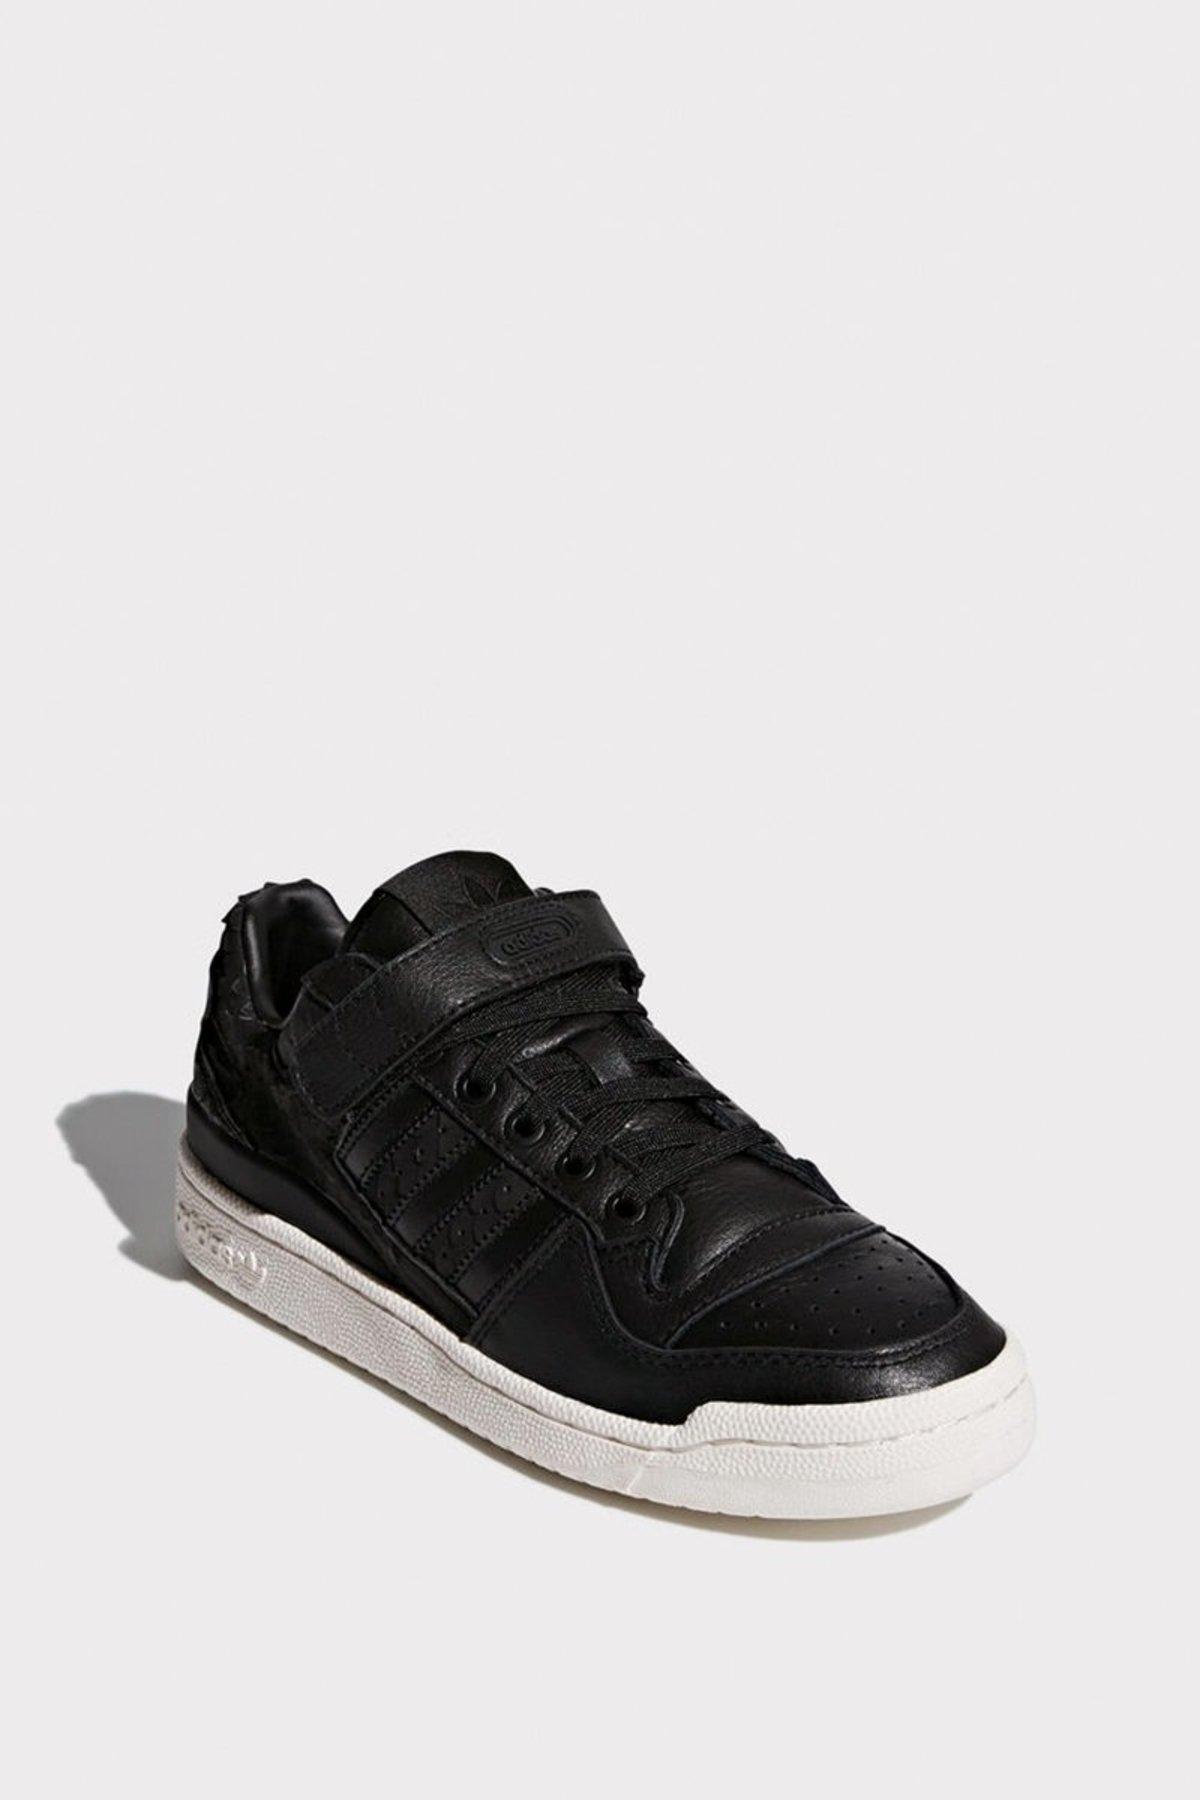 Adidas Originals Womens Forum Low Shoes blackwhite